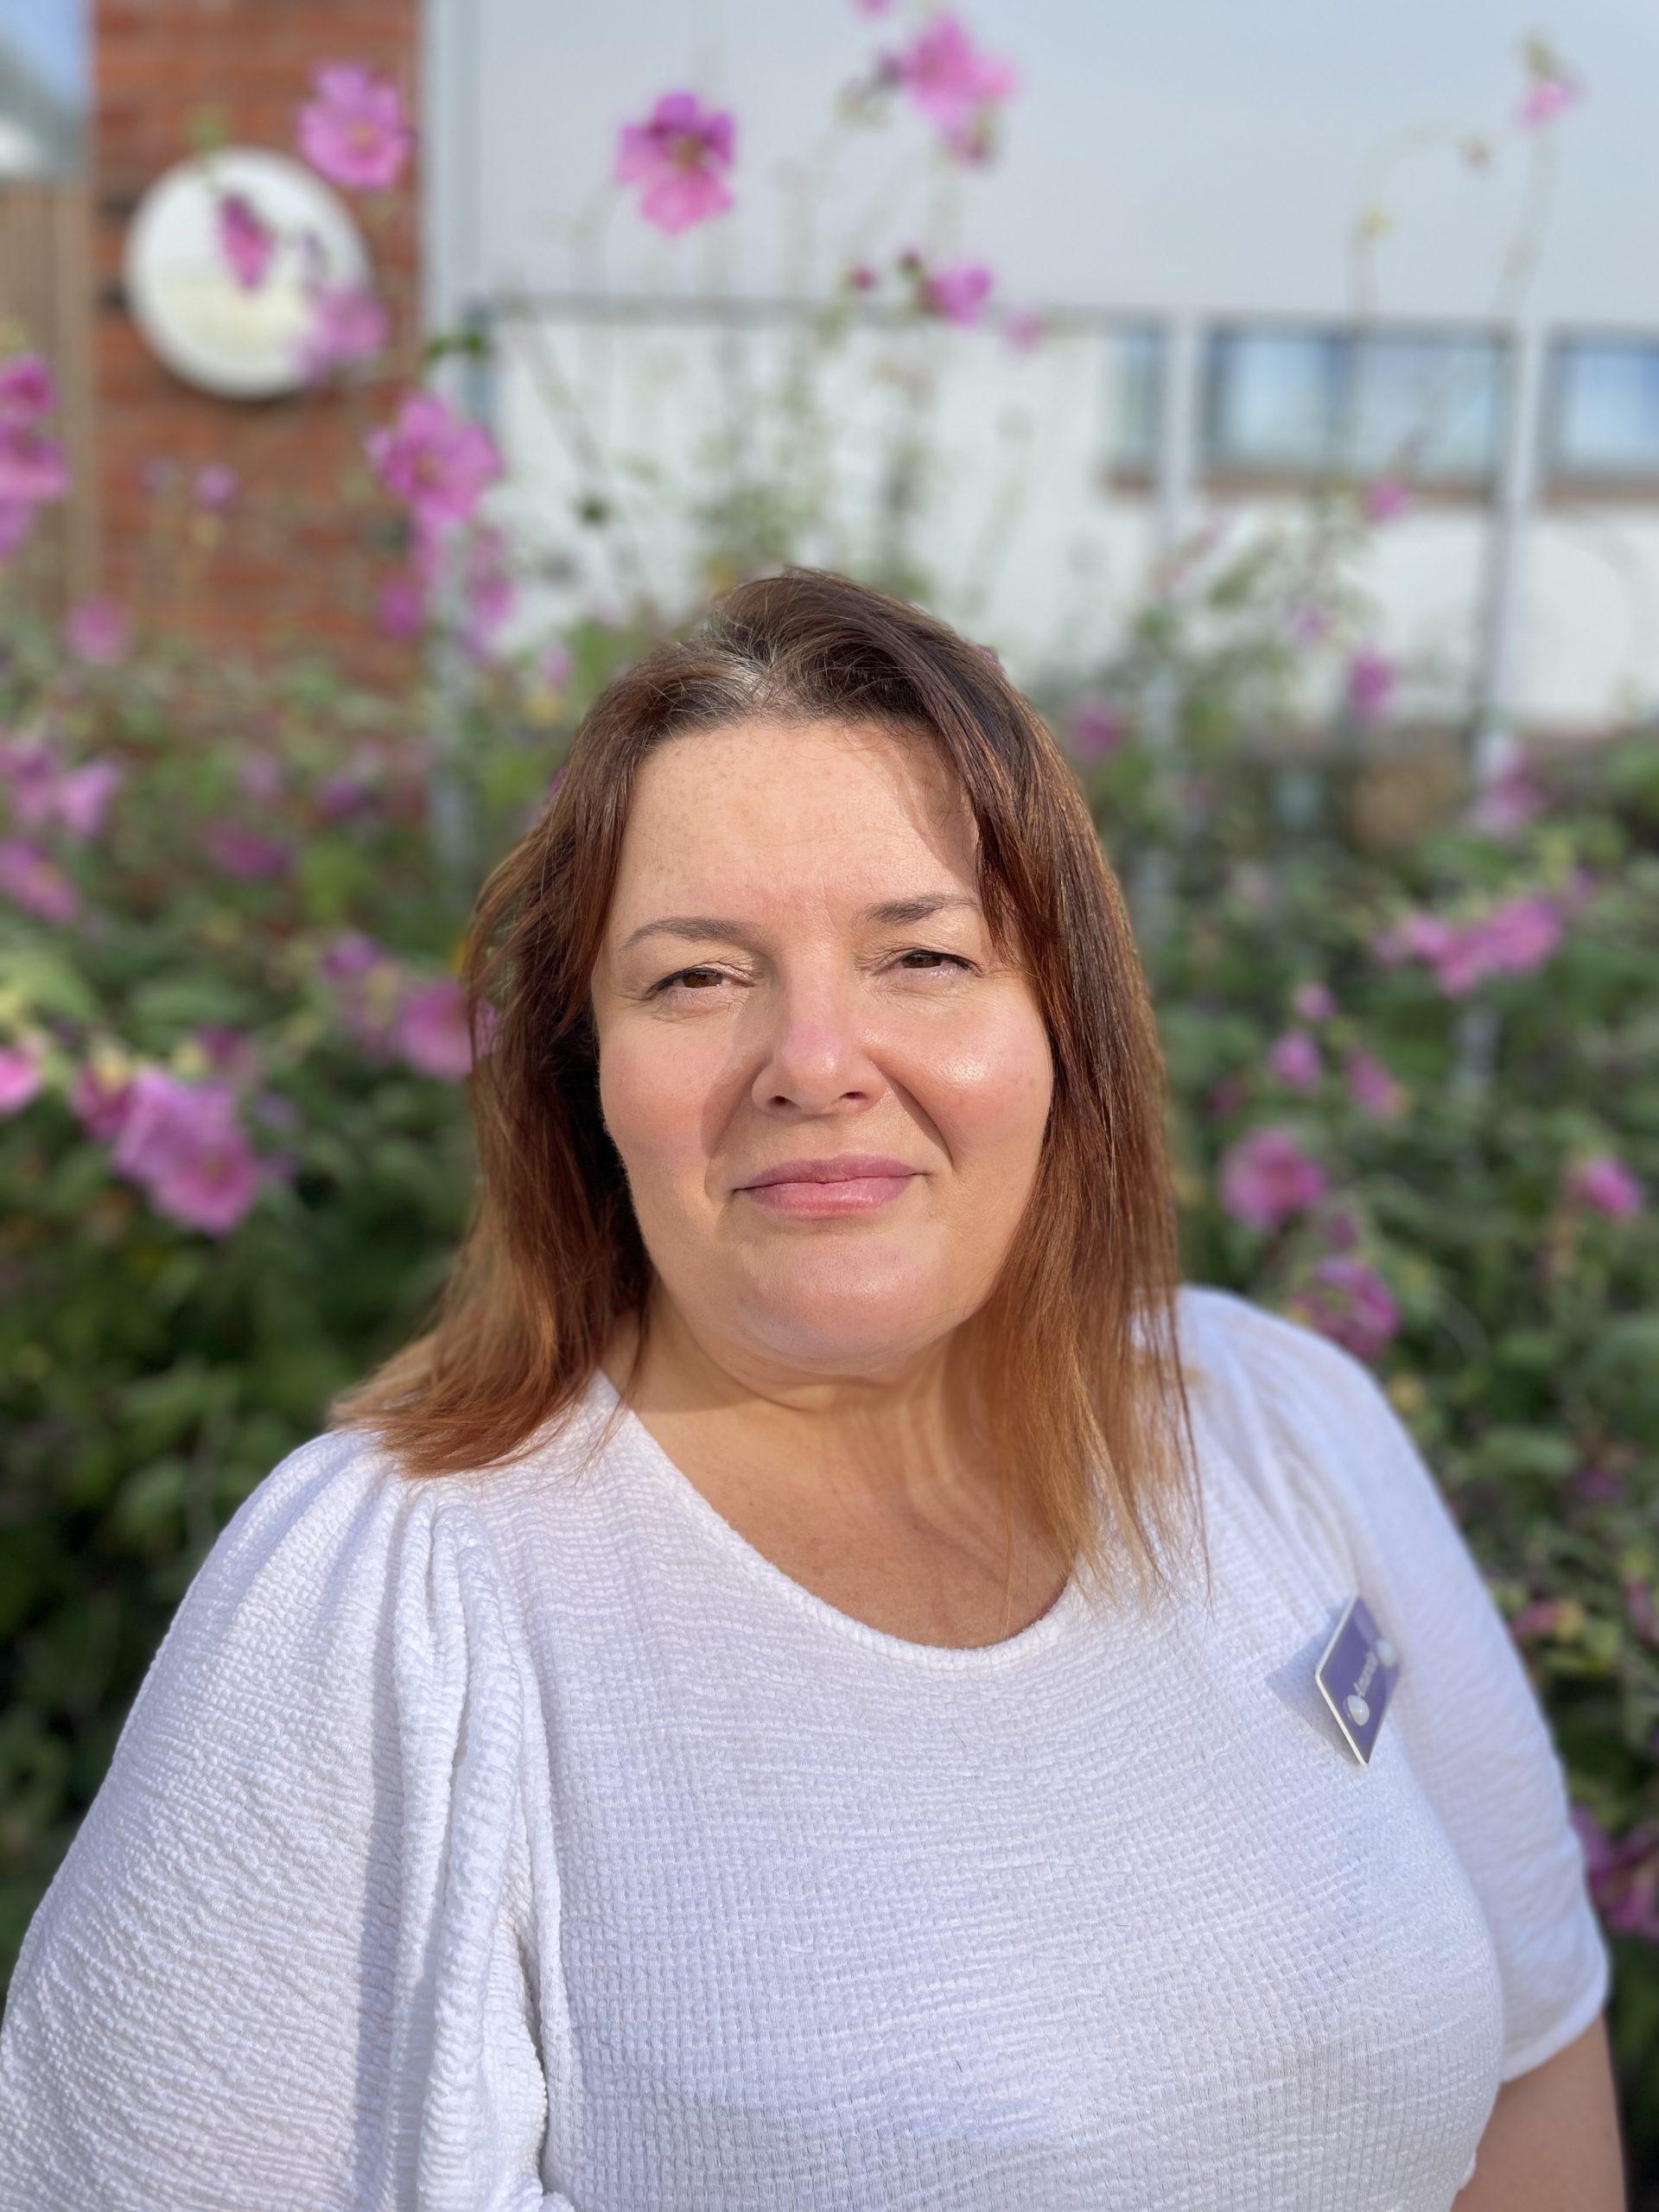 Amanda Whitehouse